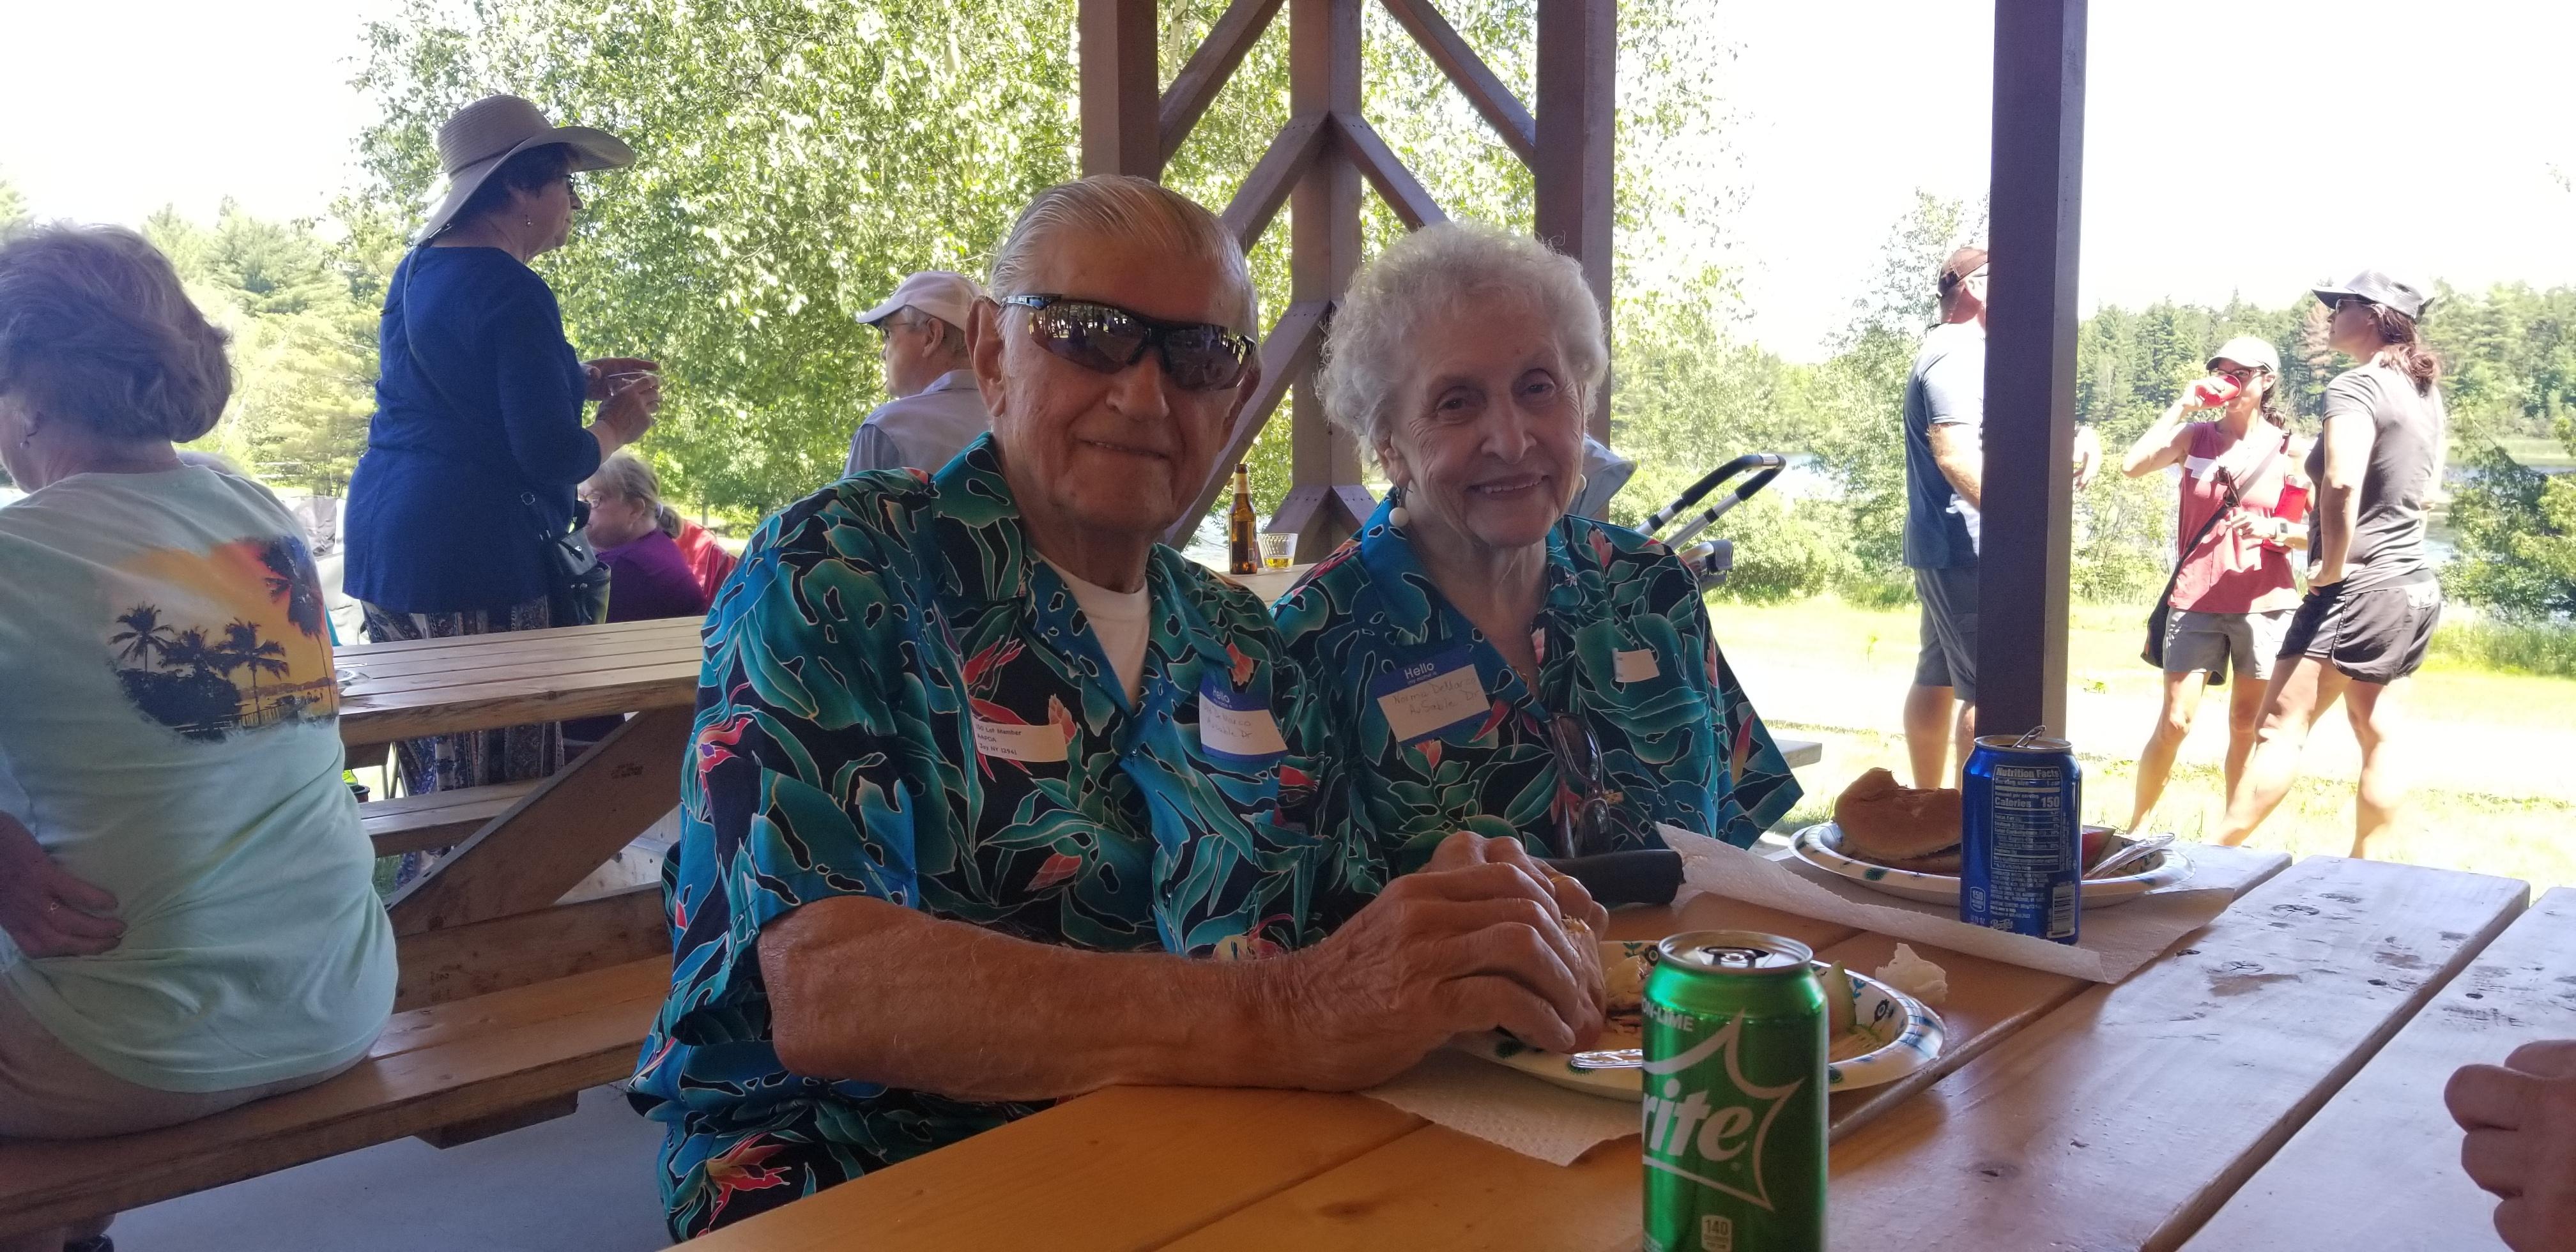 Joe and Norma DeMarco at Picnic